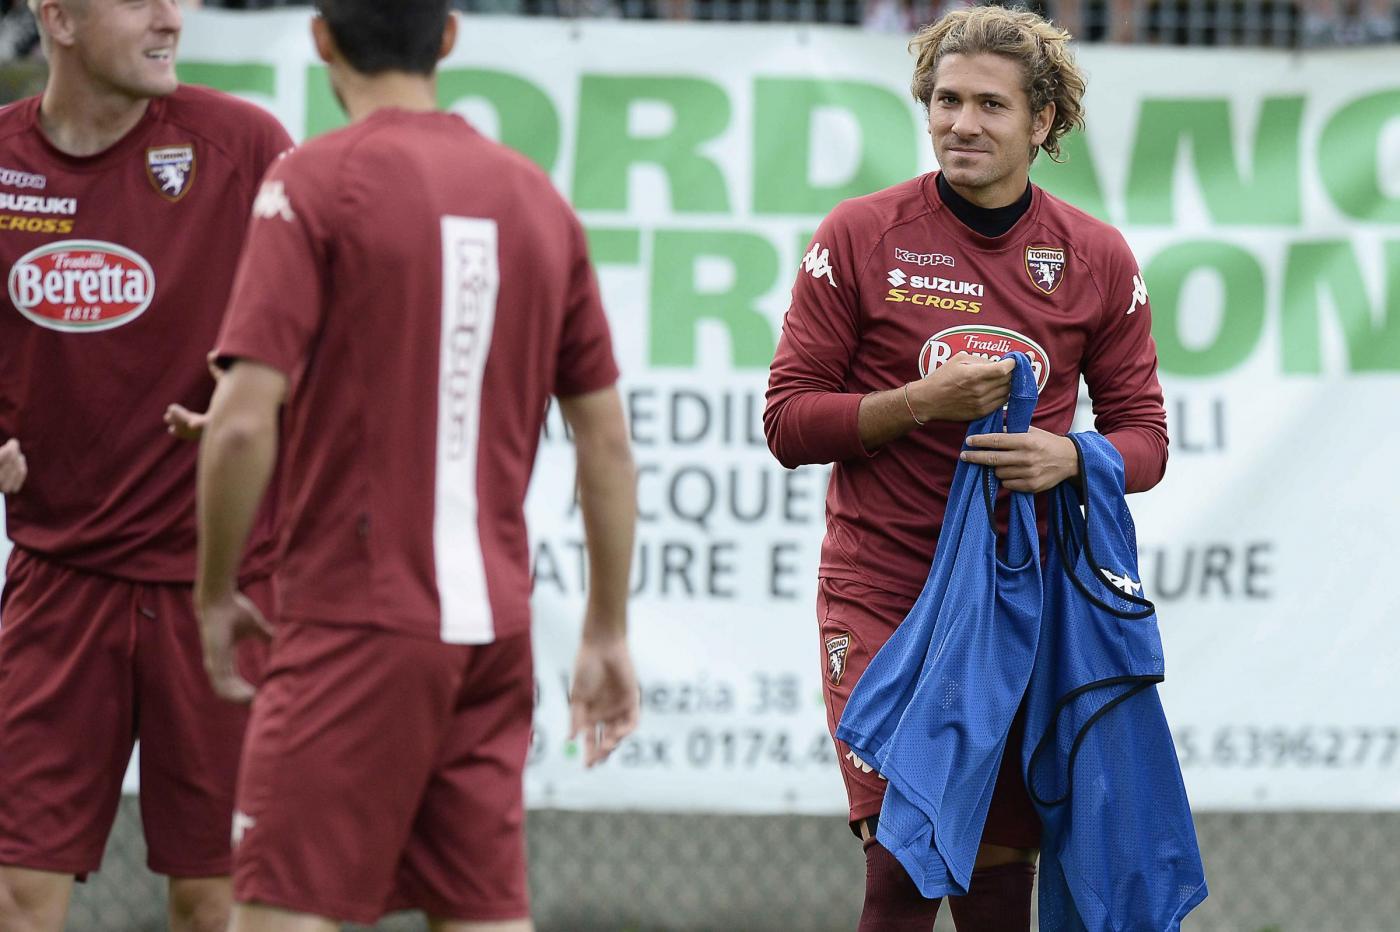 Spalato vs Torino 0-0: tutto aperto per la qualificazione in Europa League